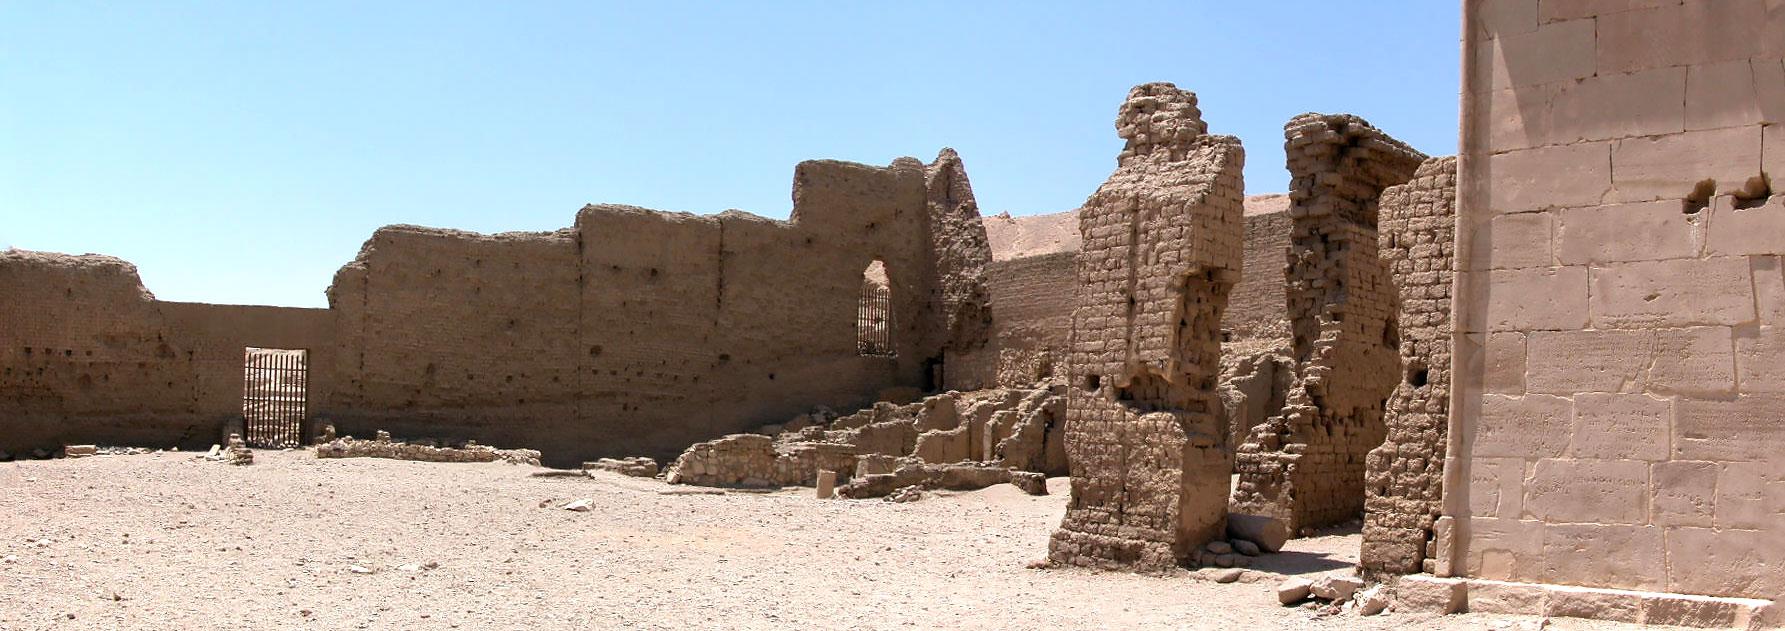 Panorámica del interior del templo ptolemaico de Deir el Medina en Luxor que podrás ver en los Viajes a Egipto con Viajes Ikertanoa.